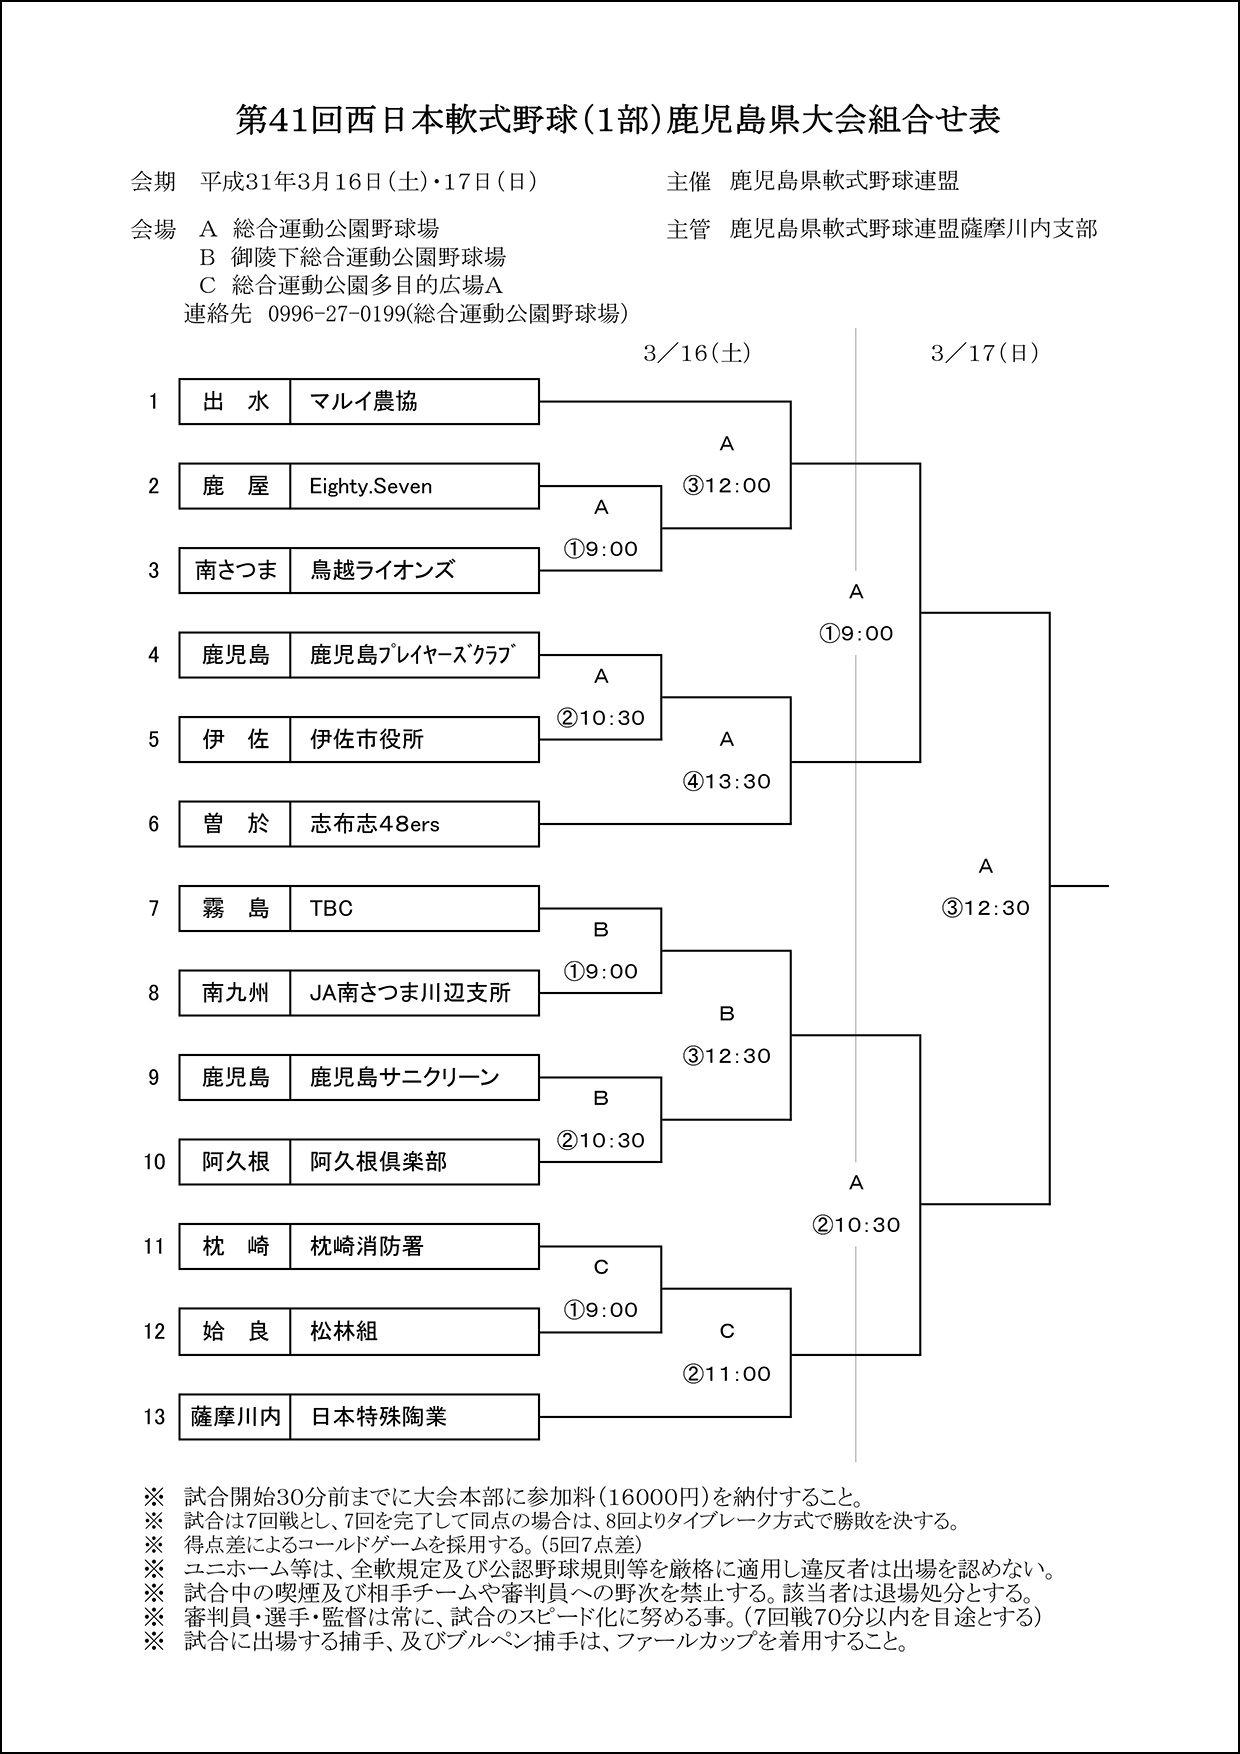 【組合せ】第41回西日本軟式野球(1部)県大会